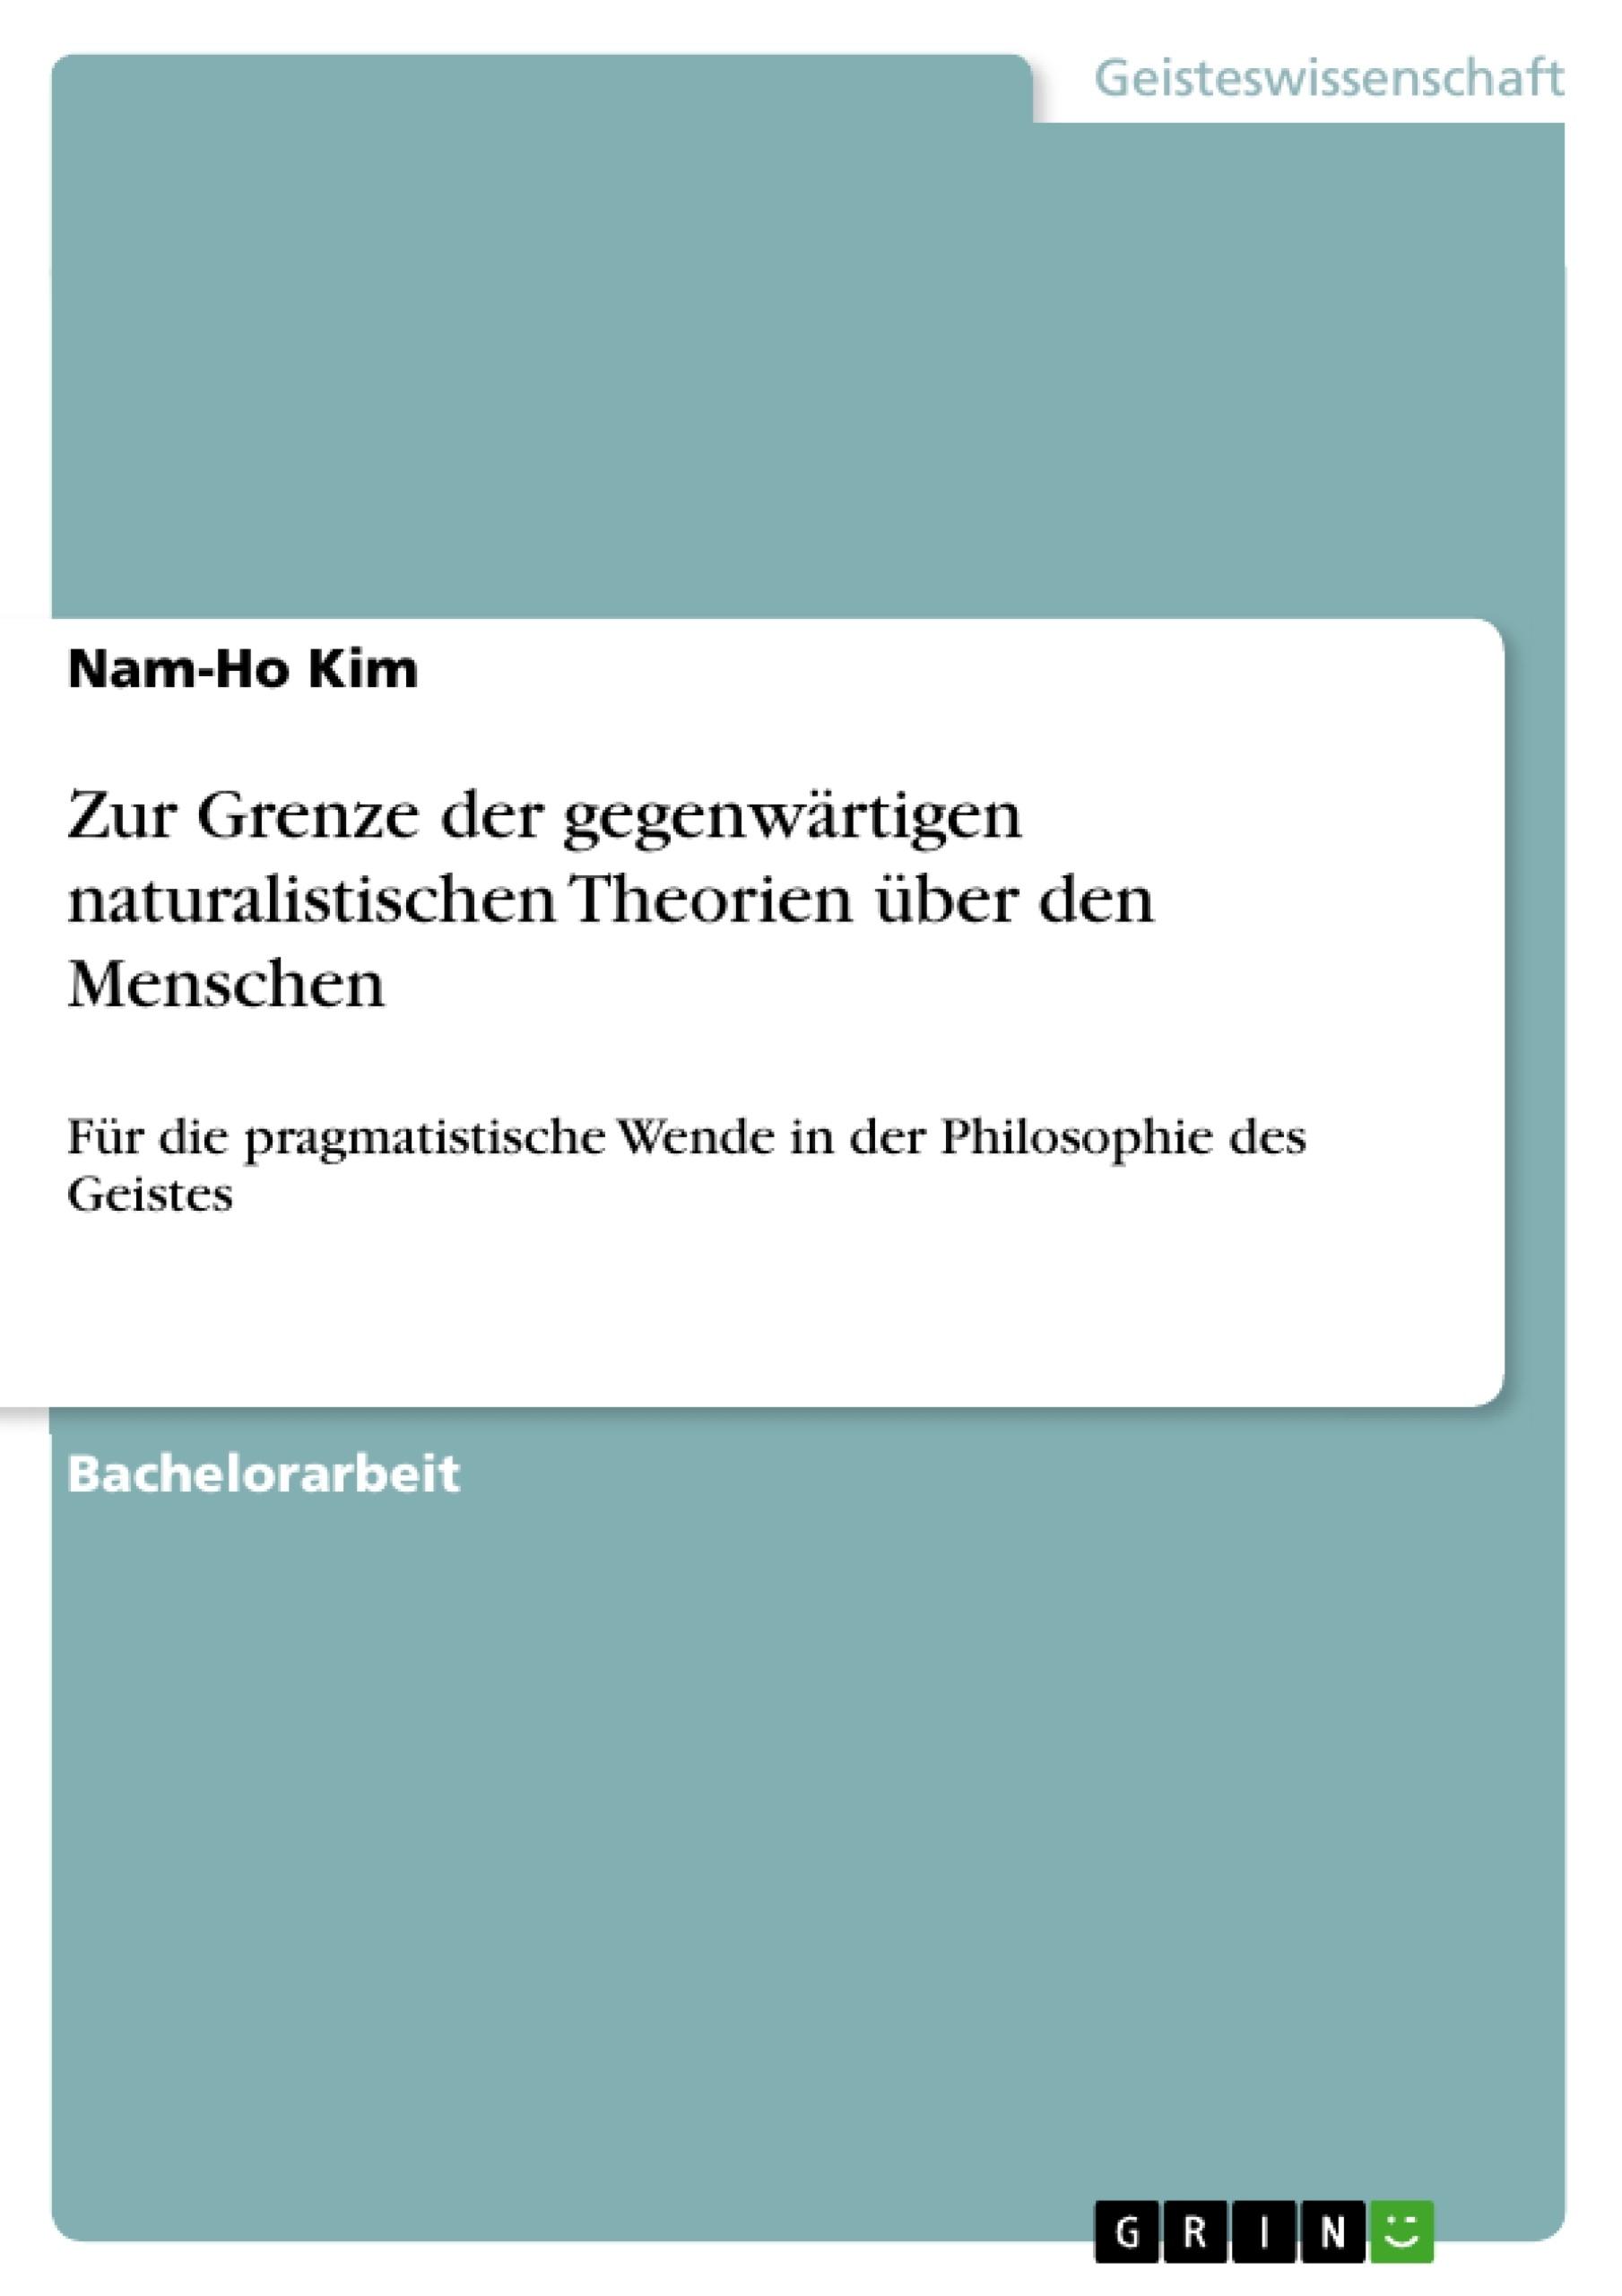 Titel: Zur Grenze der gegenwärtigen naturalistischen Theorien über den Menschen